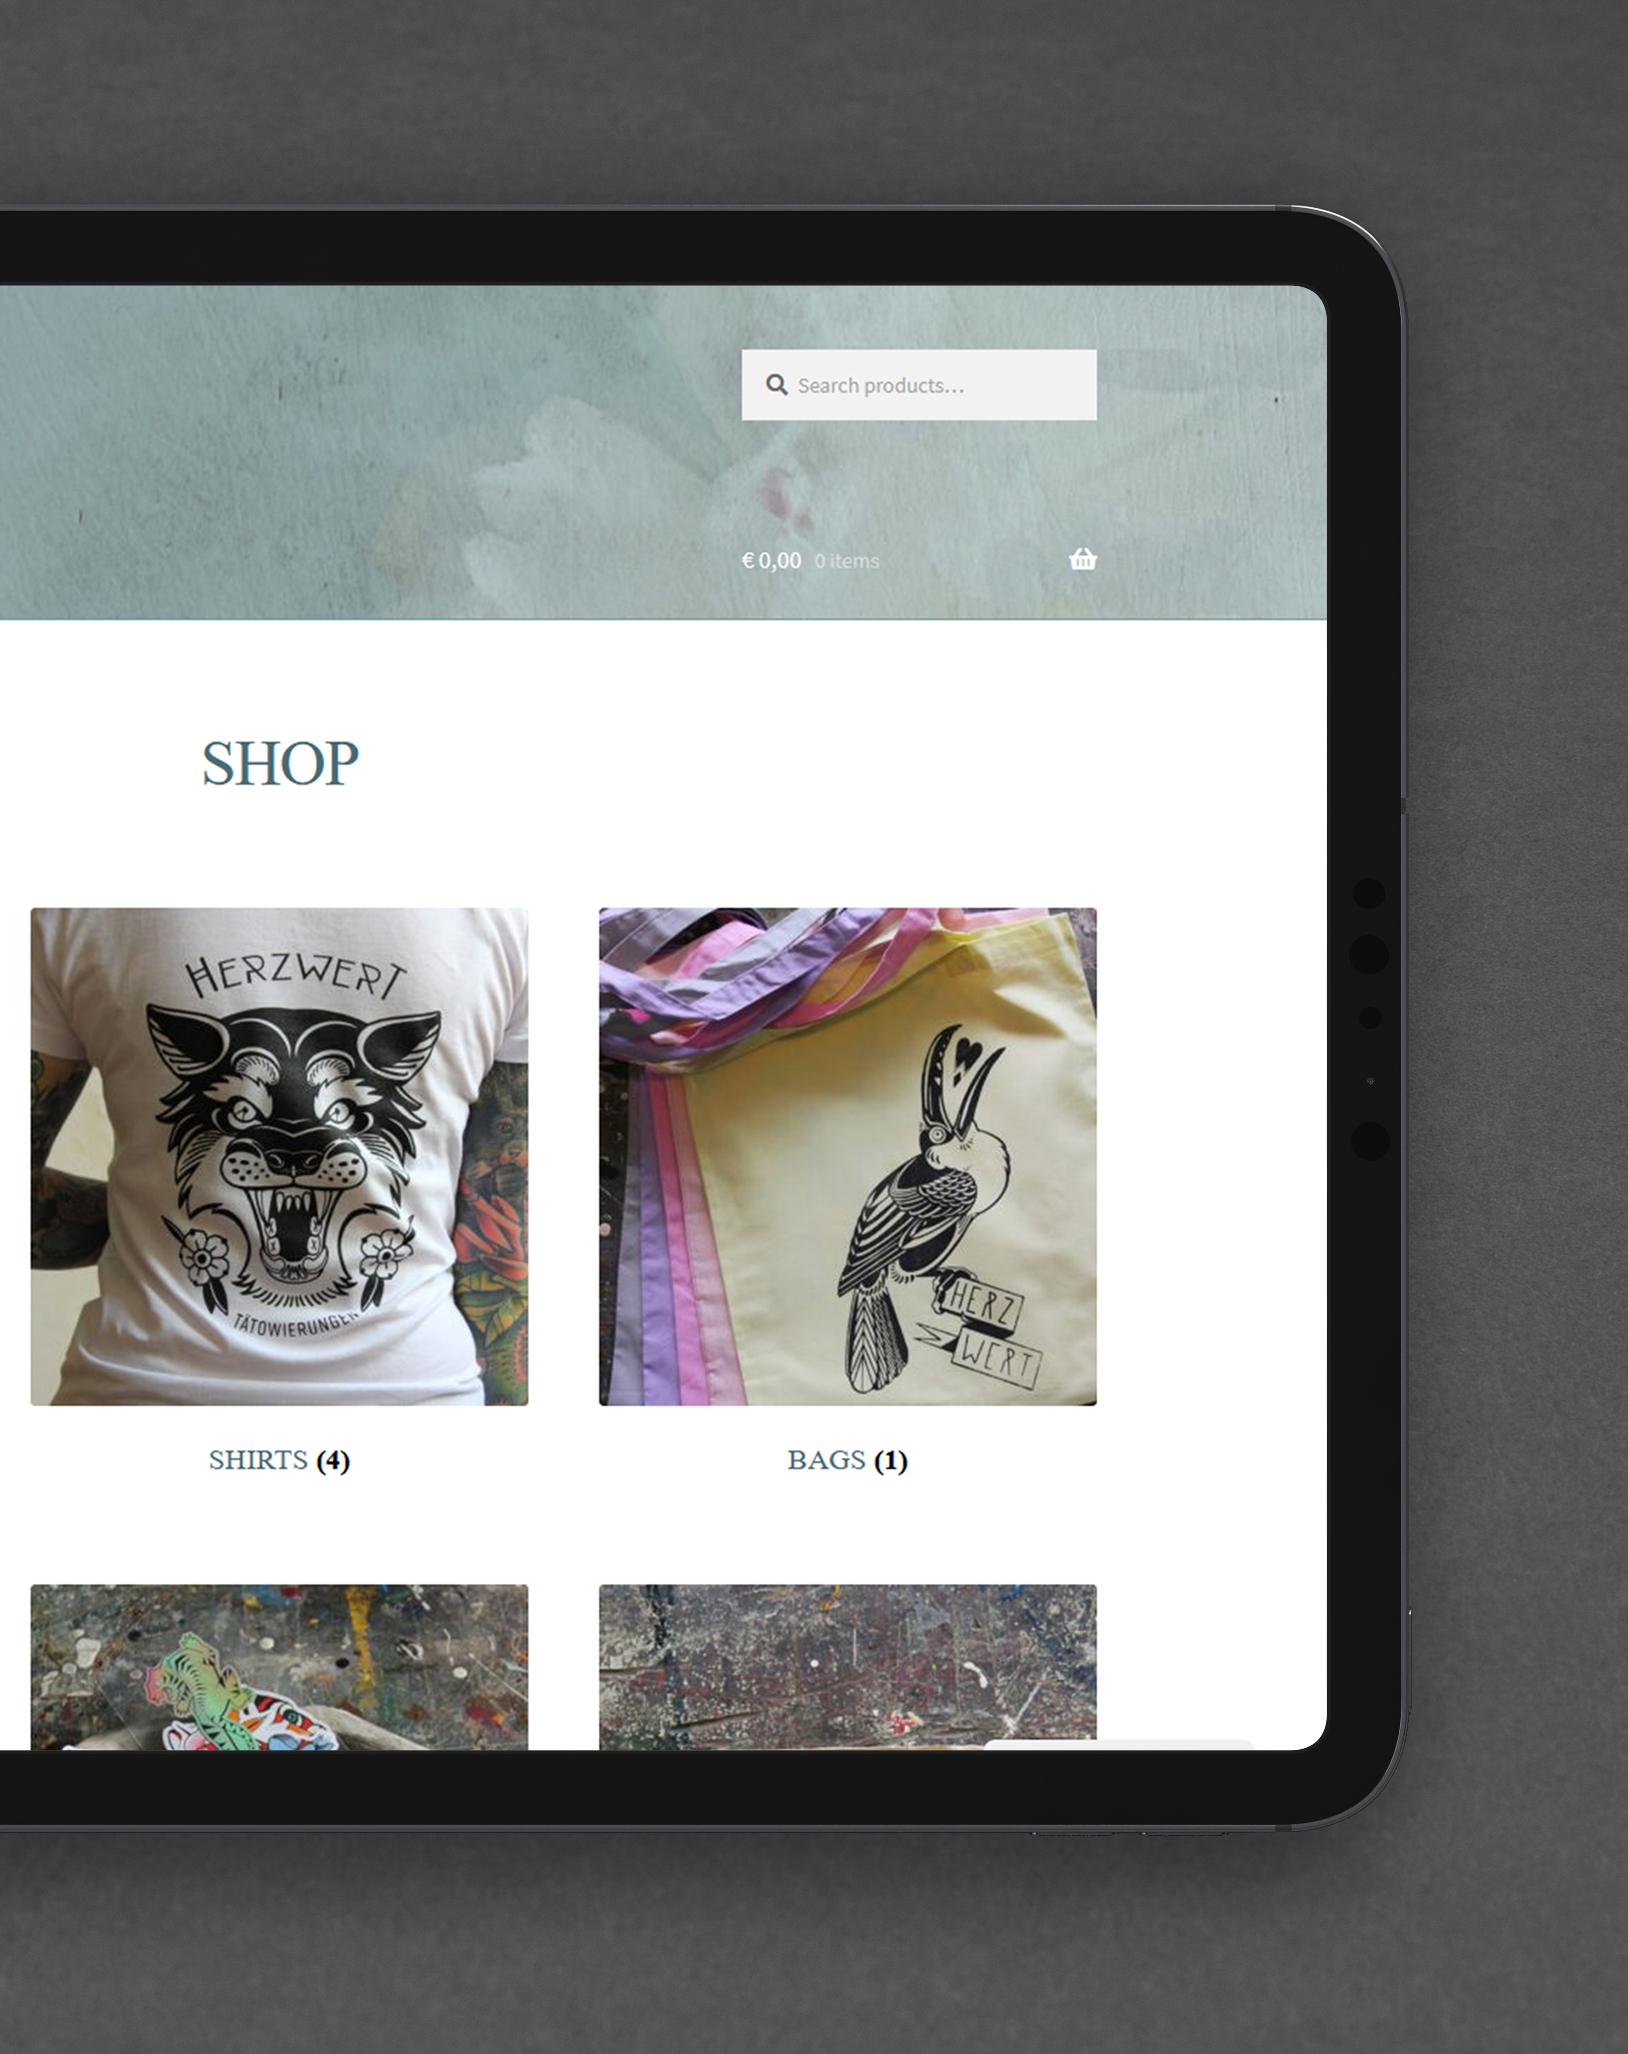 Gestaltung Tätowierer Shop Herzwert Aachen auf iPad